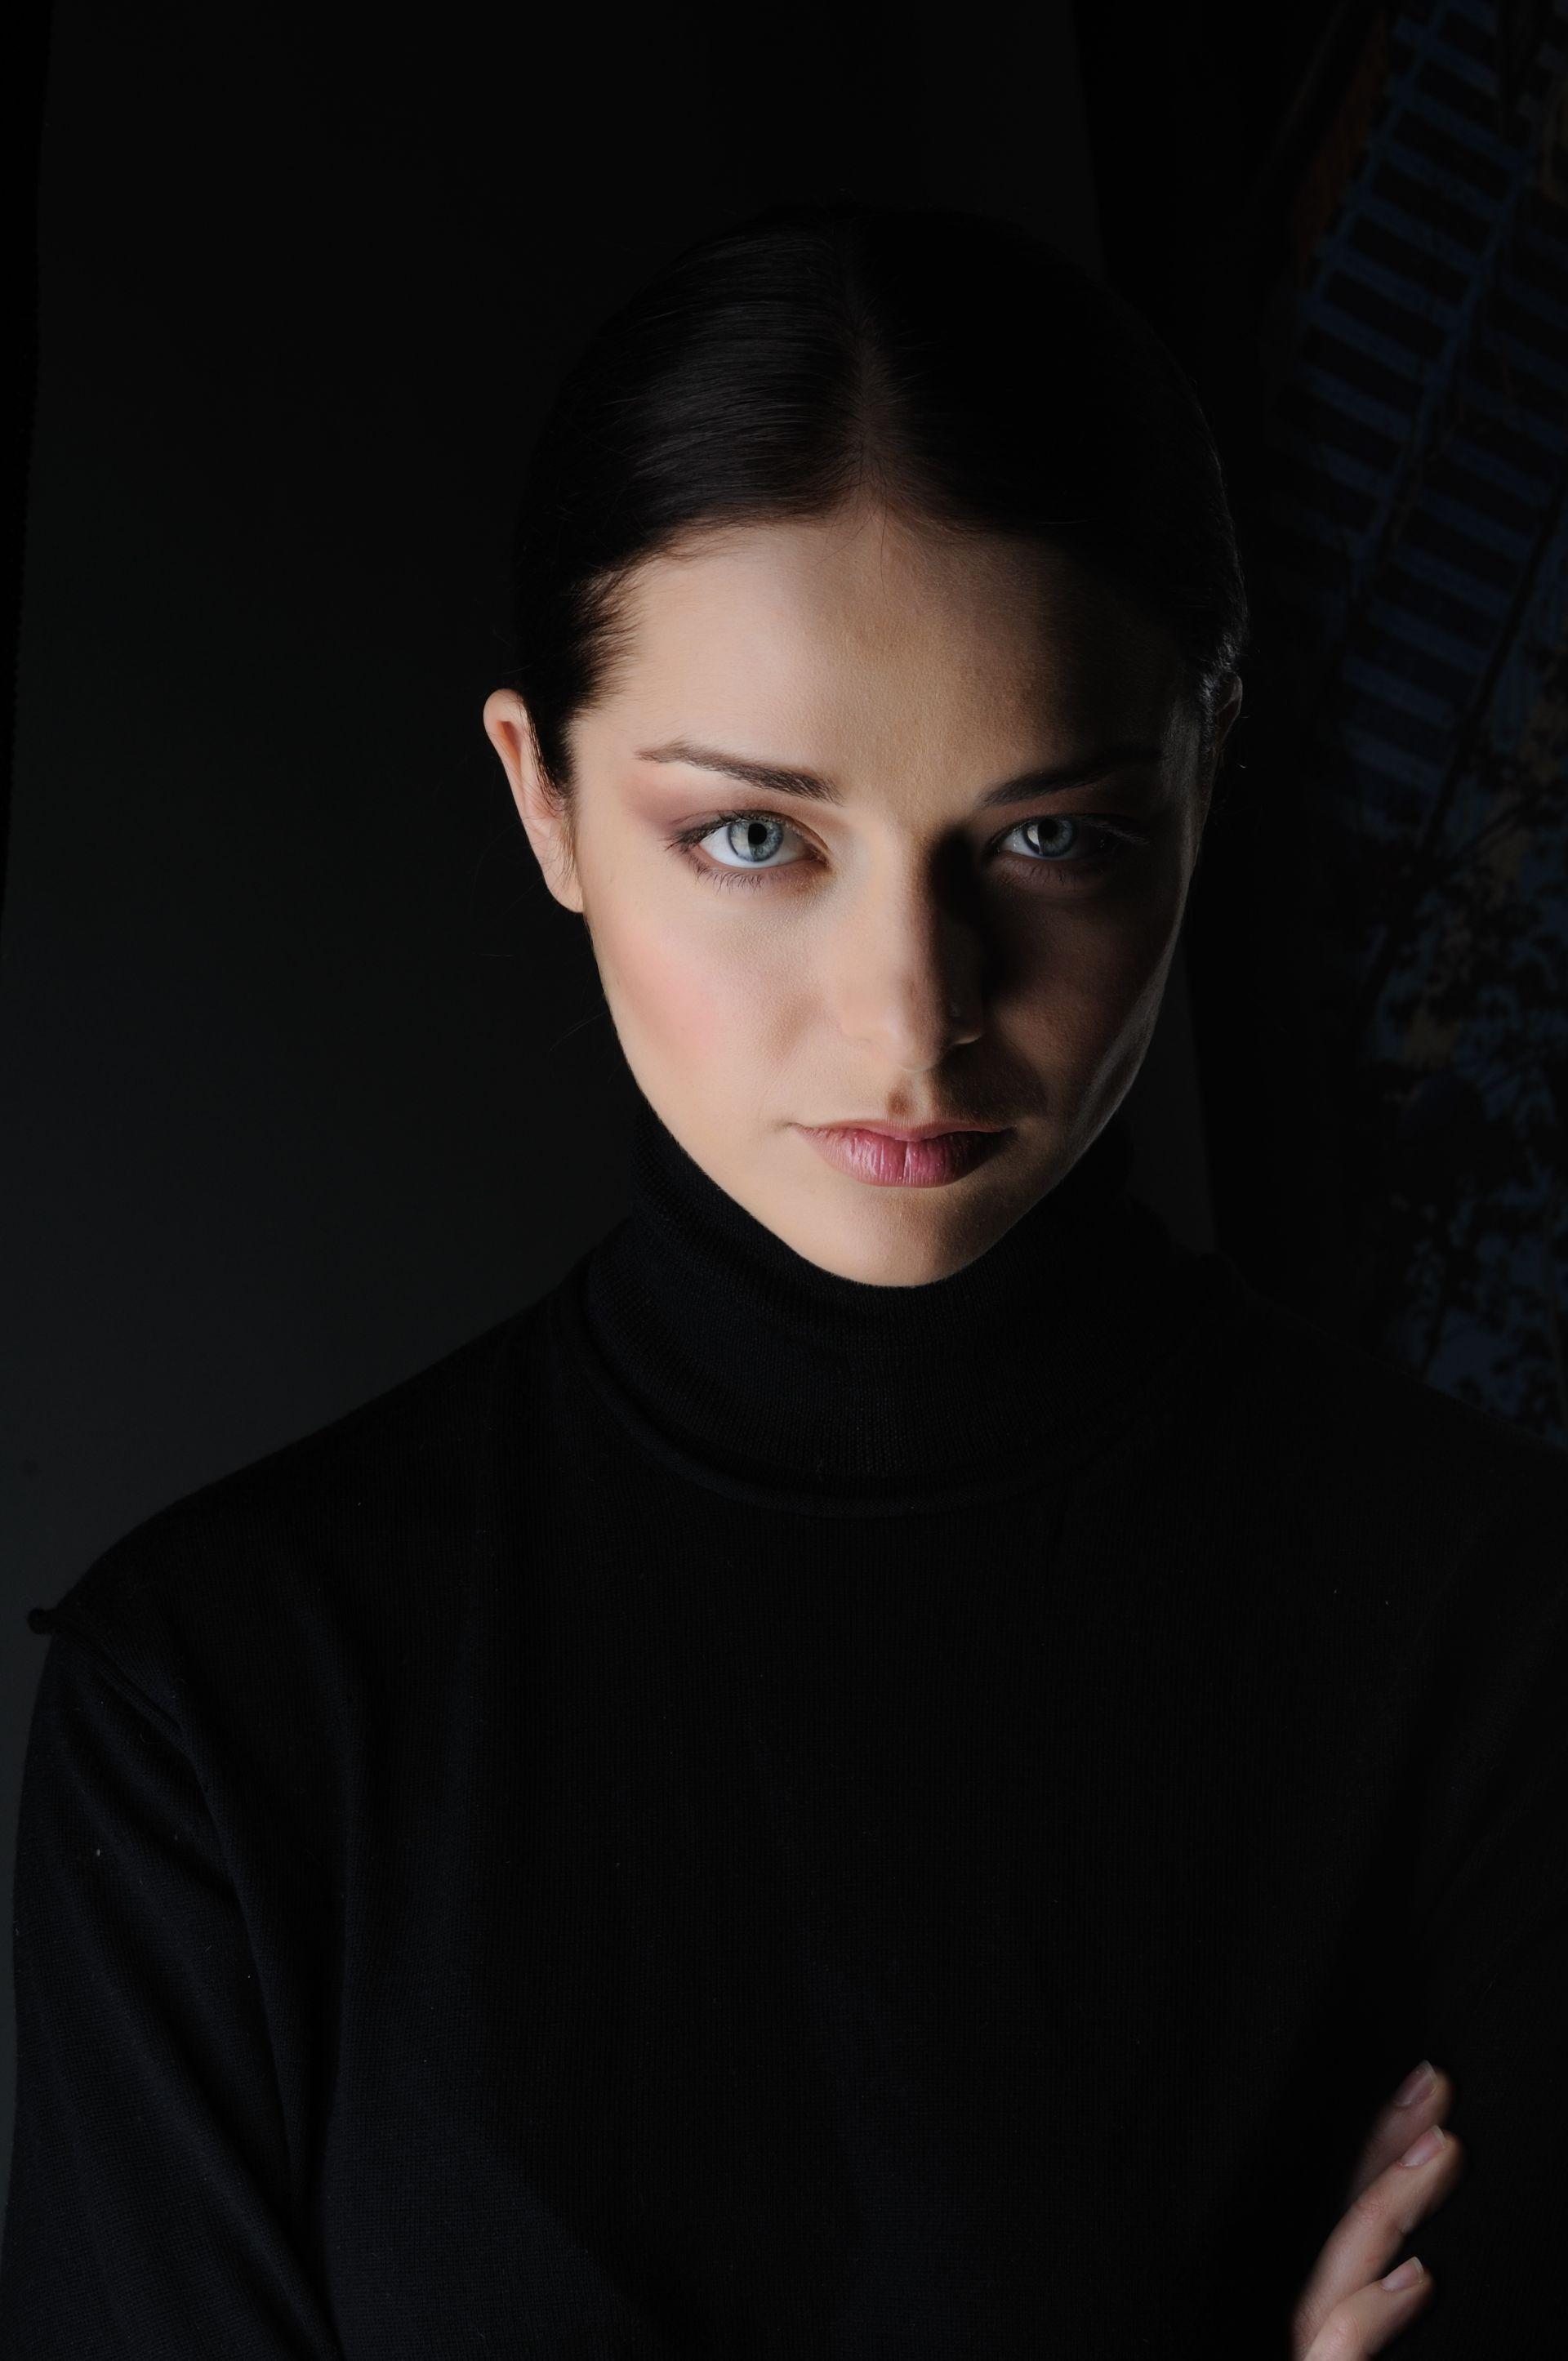 Марина Александрова (Marina Aleksandrova)